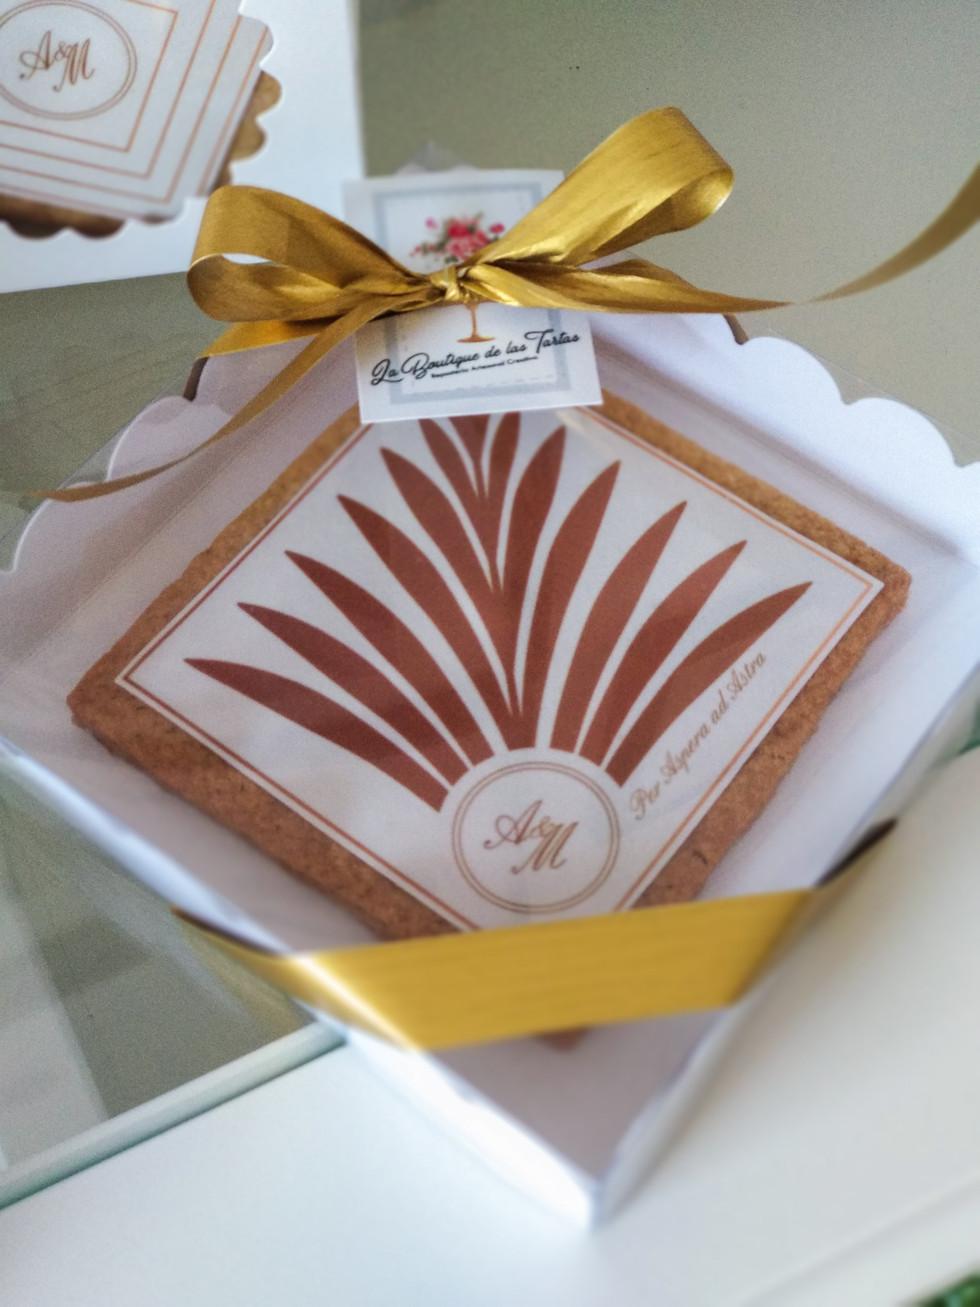 galletas personalizadas amaya 3.jpg